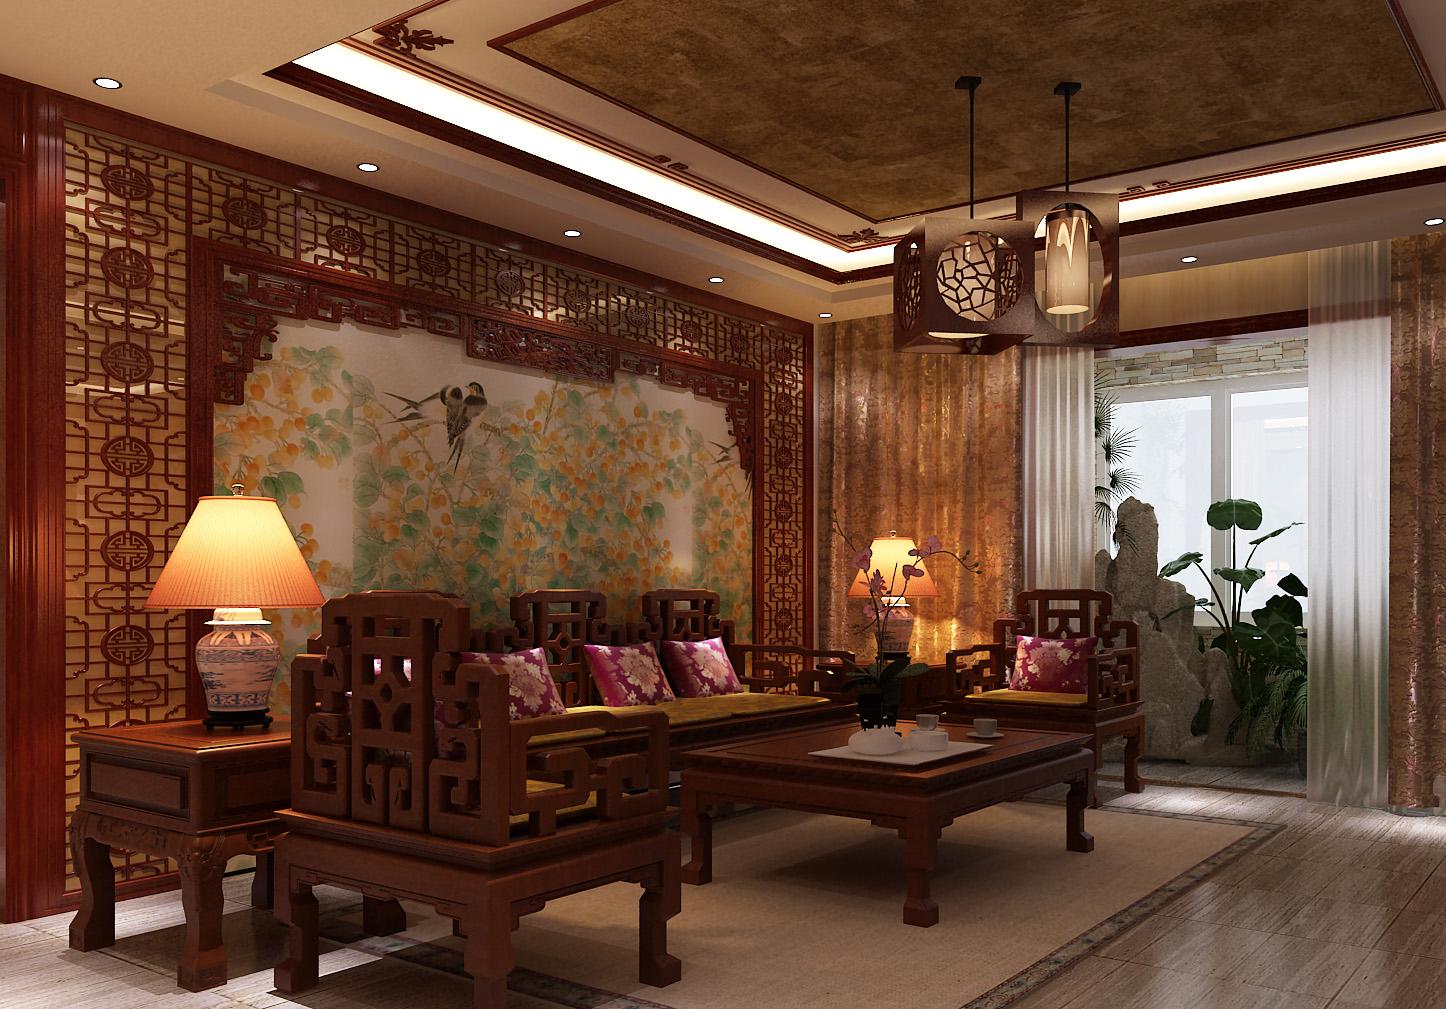 中式家庭客厅设计图片欣赏